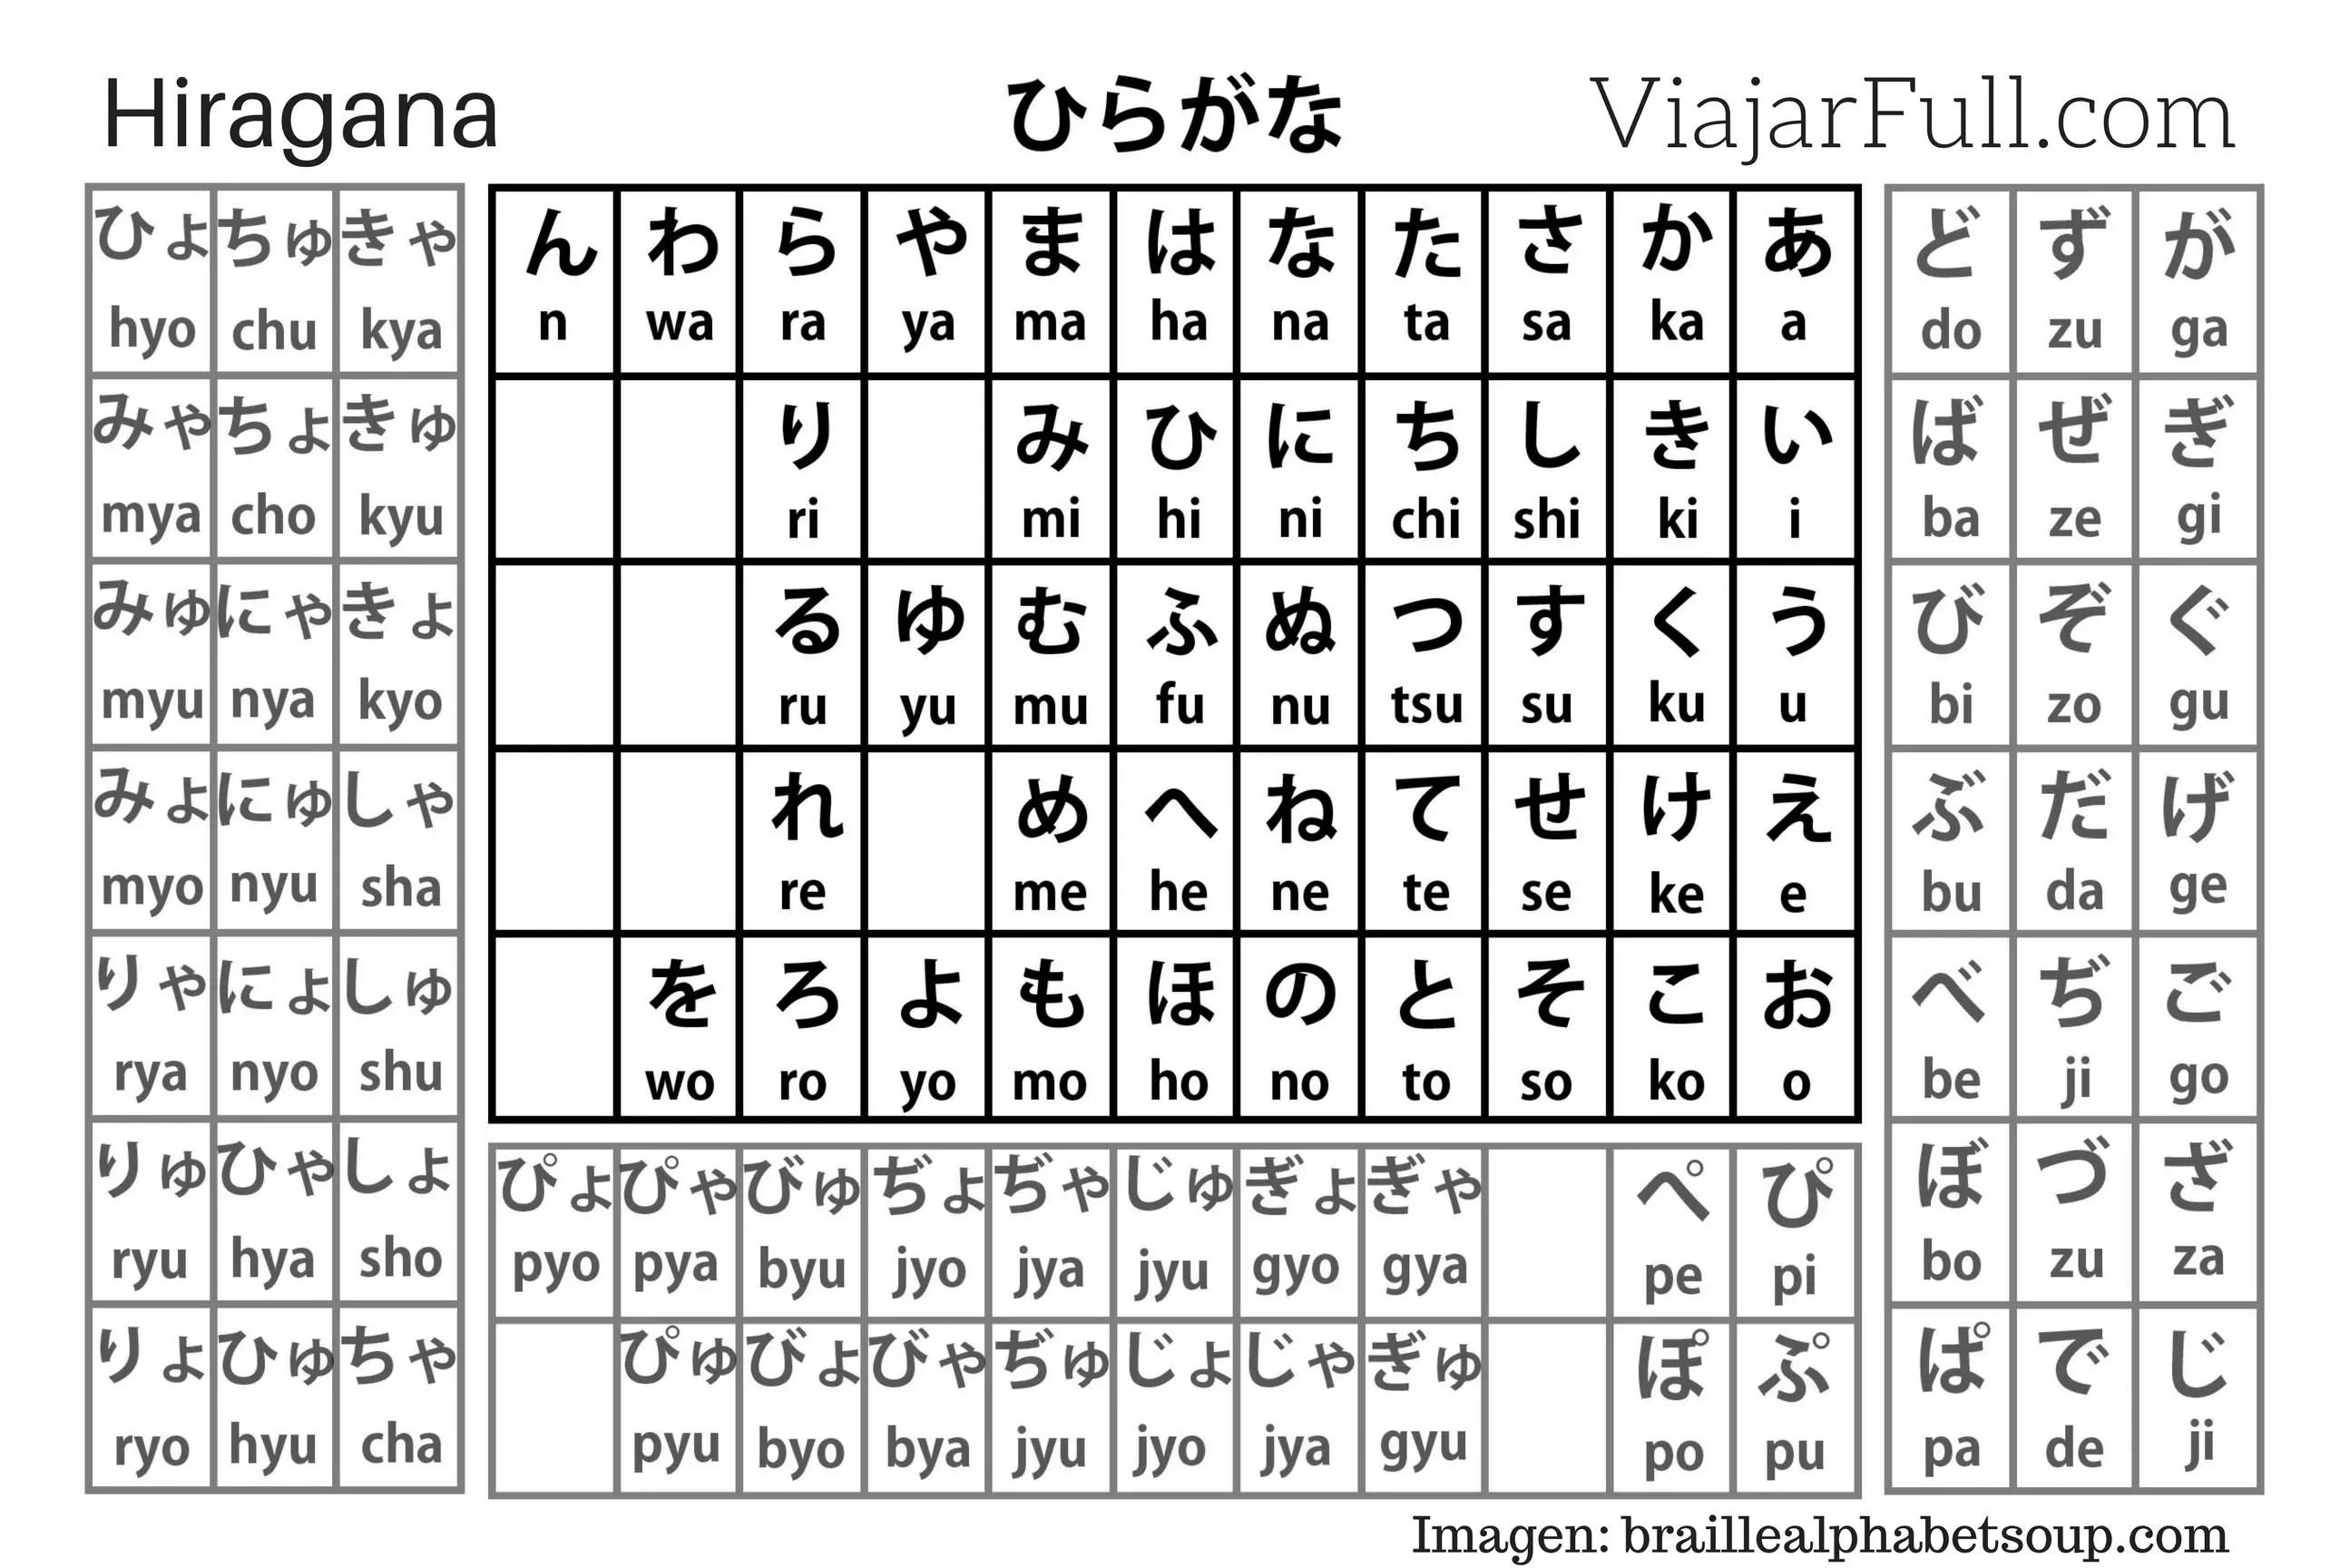 Que Idioma Se Habla En Tokio Japon